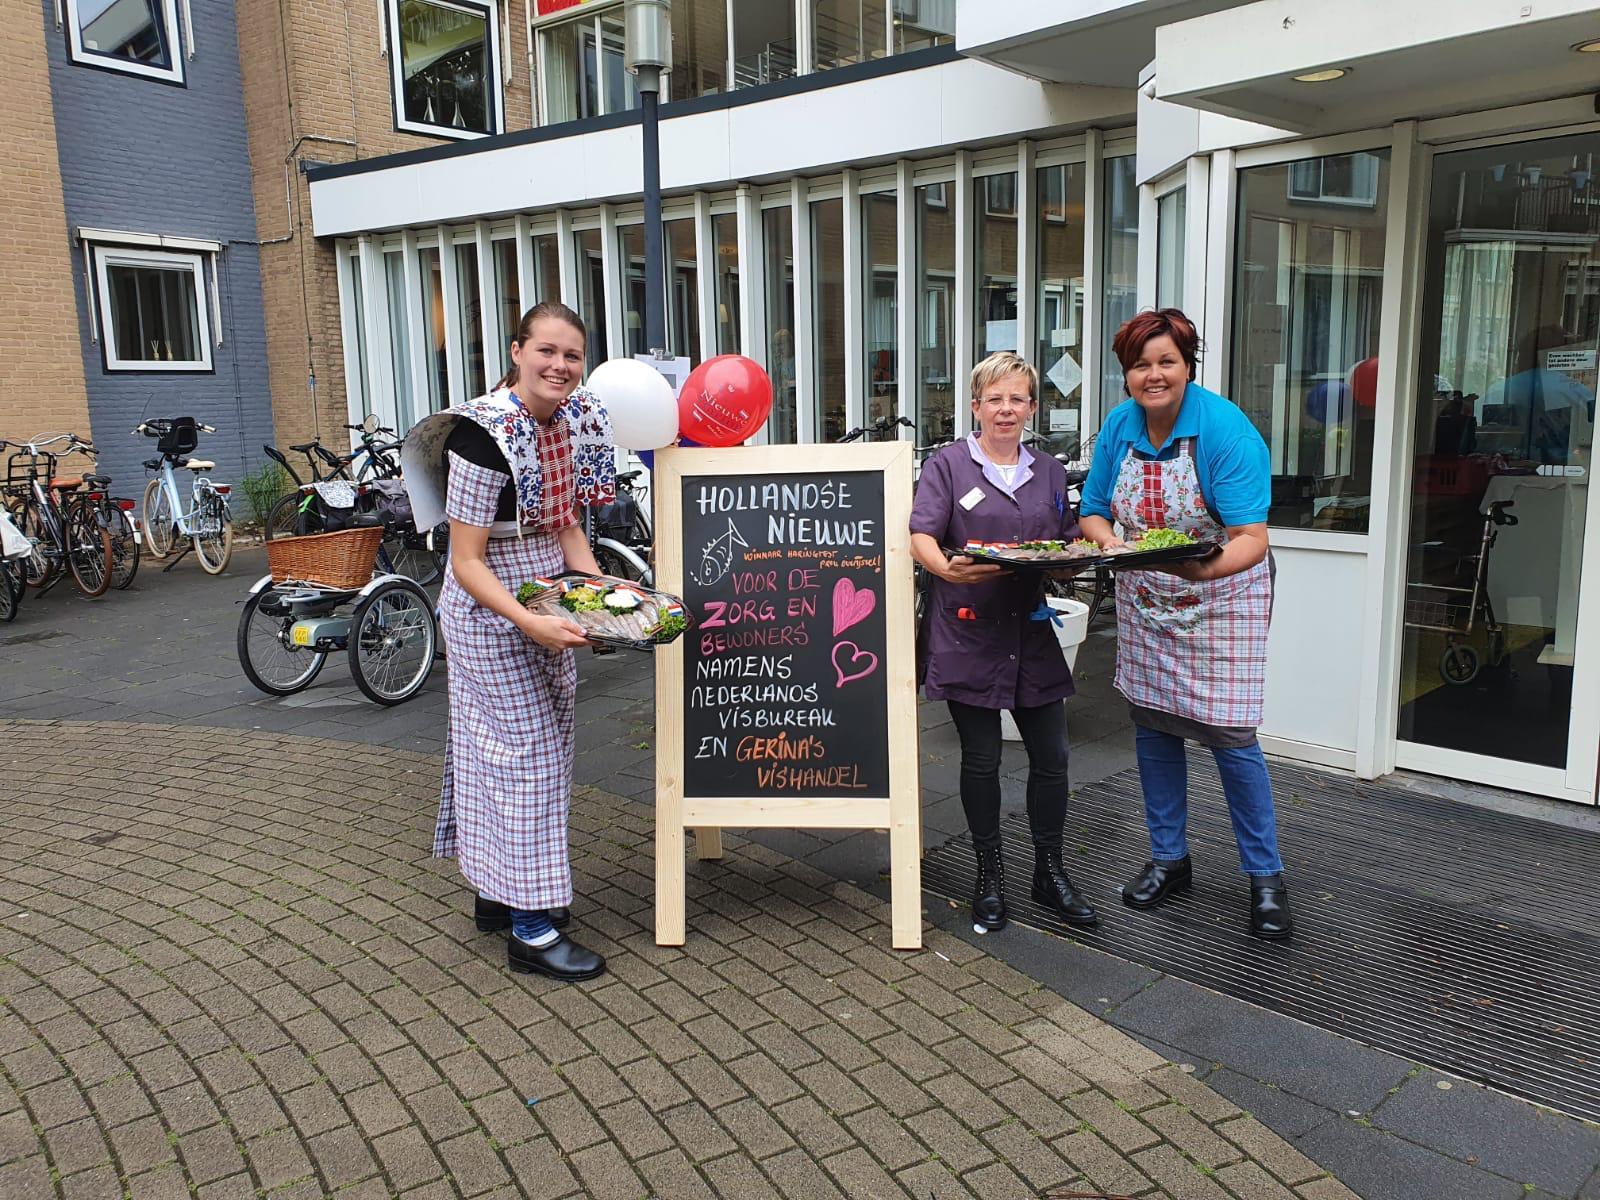 Haring happen voor zorgcentrum Humanitas in Deventer